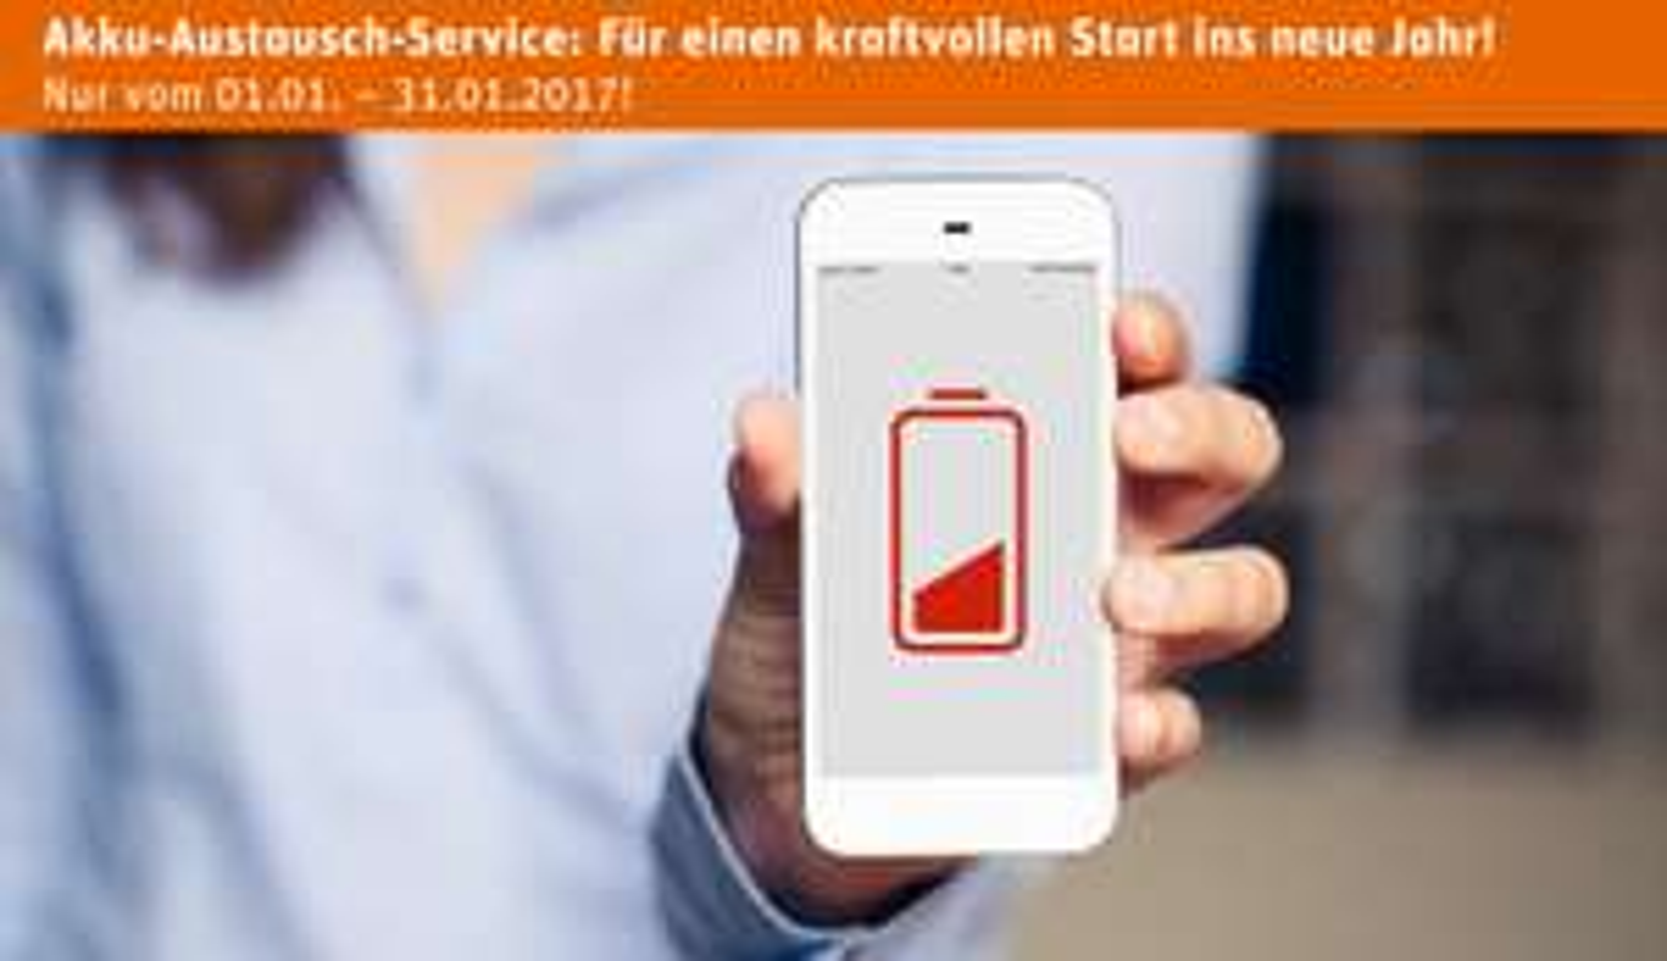 Gravis iPhone Akku-Austausch-Service nur € 69,99 statt € 89,99